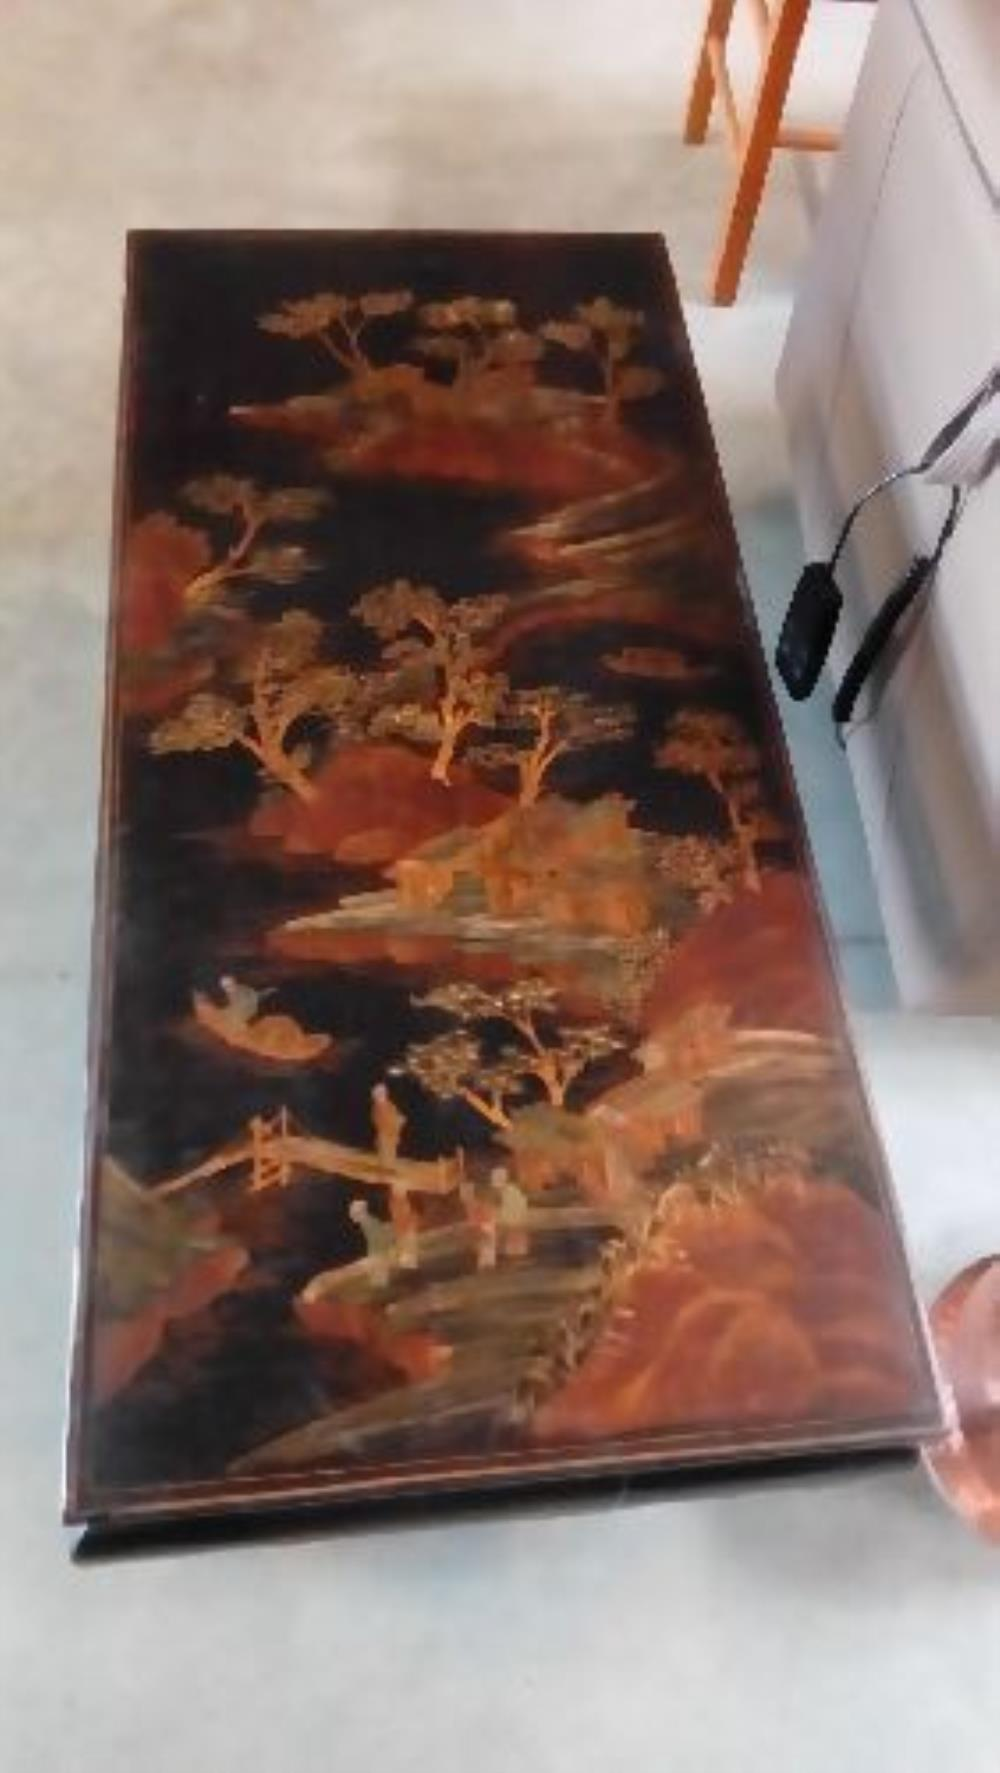 TABLE BASSE BOIS RECTANGULAIRE ASIATIQUE occasion - Troc Fecamp